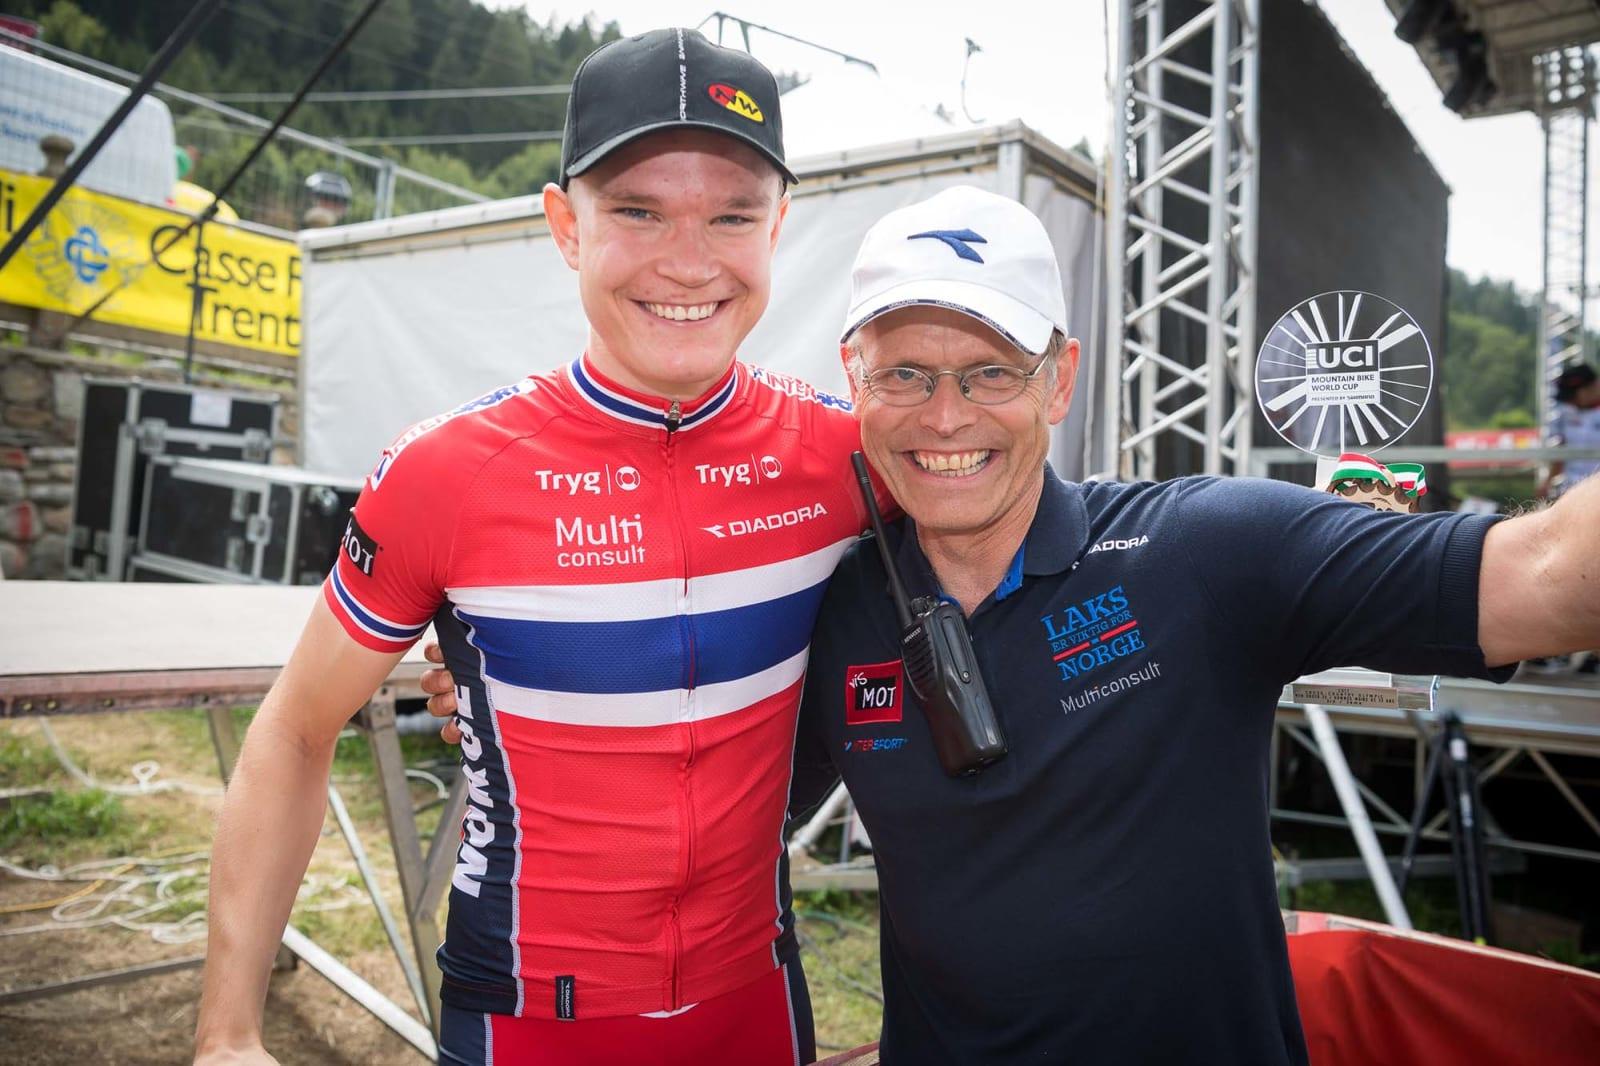 SUKSESS: Petter Fagerhaug har hatt en sterk sesong – nå venter nye utfordringer. Foto: EGO Promotion.